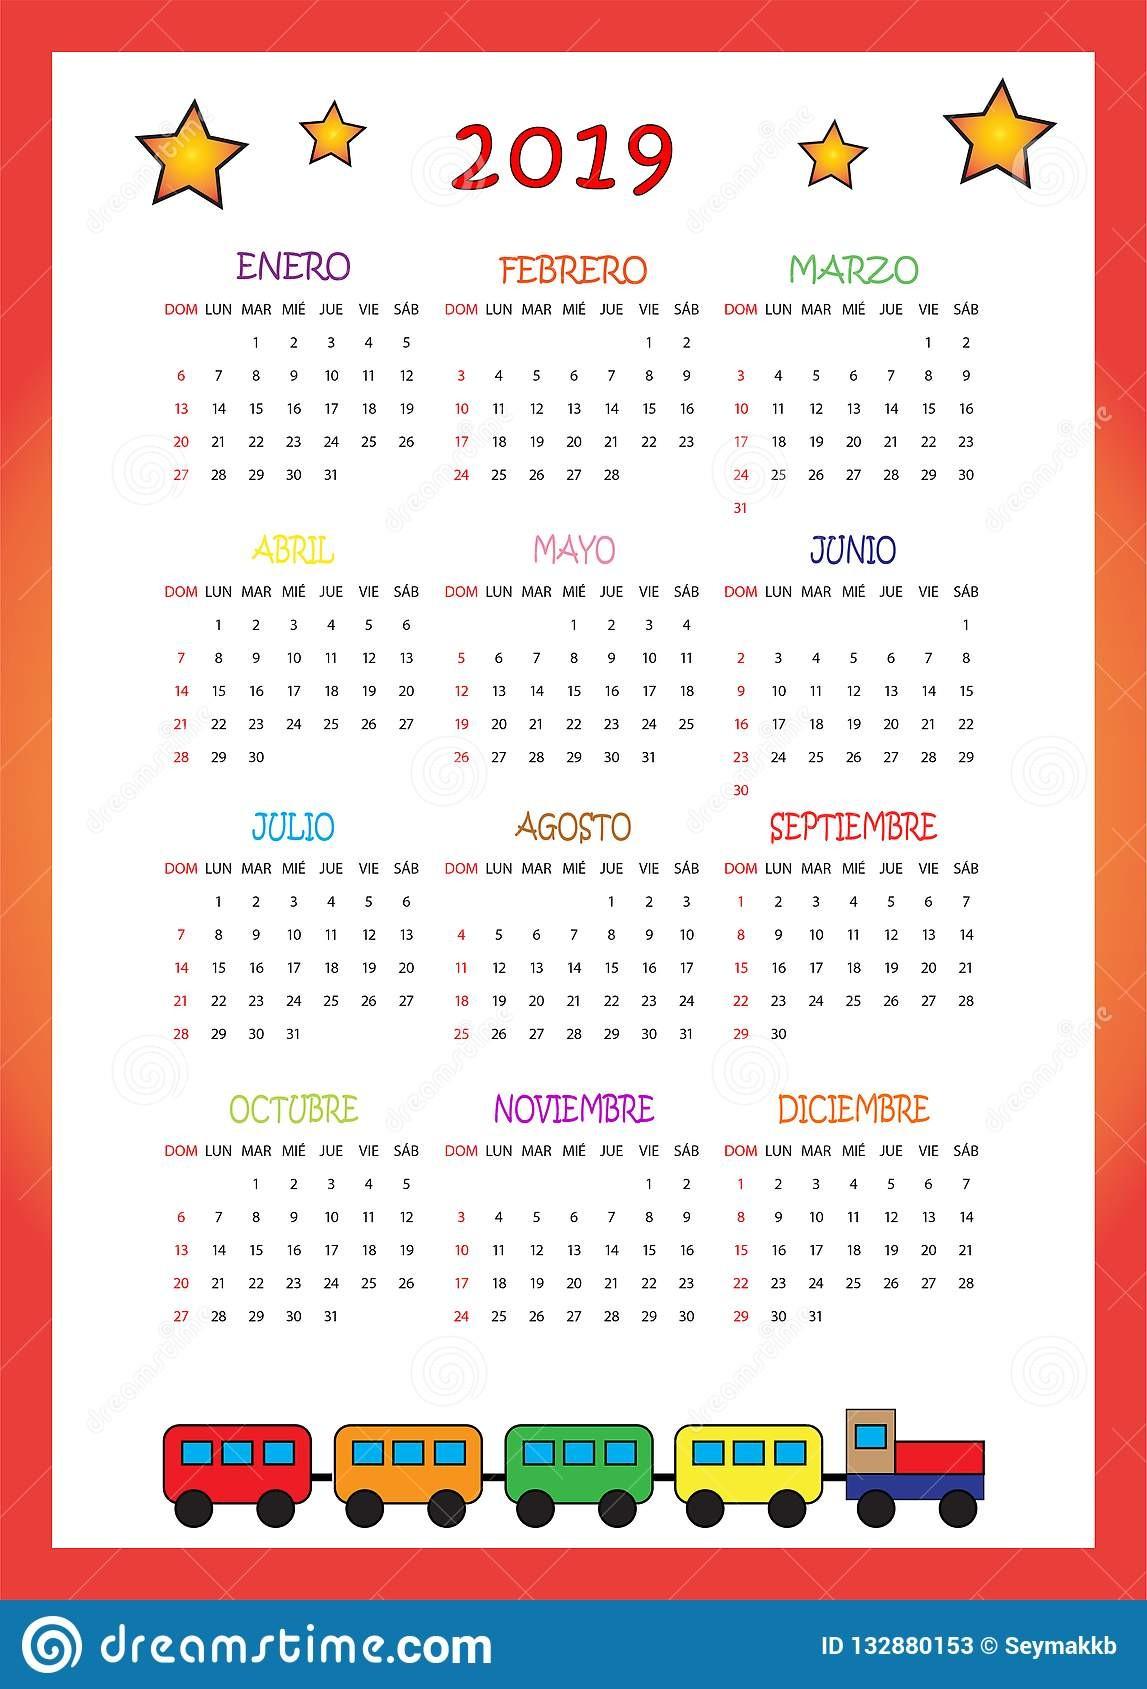 un colorido calendario para niños con estrellas calendario per i bambini